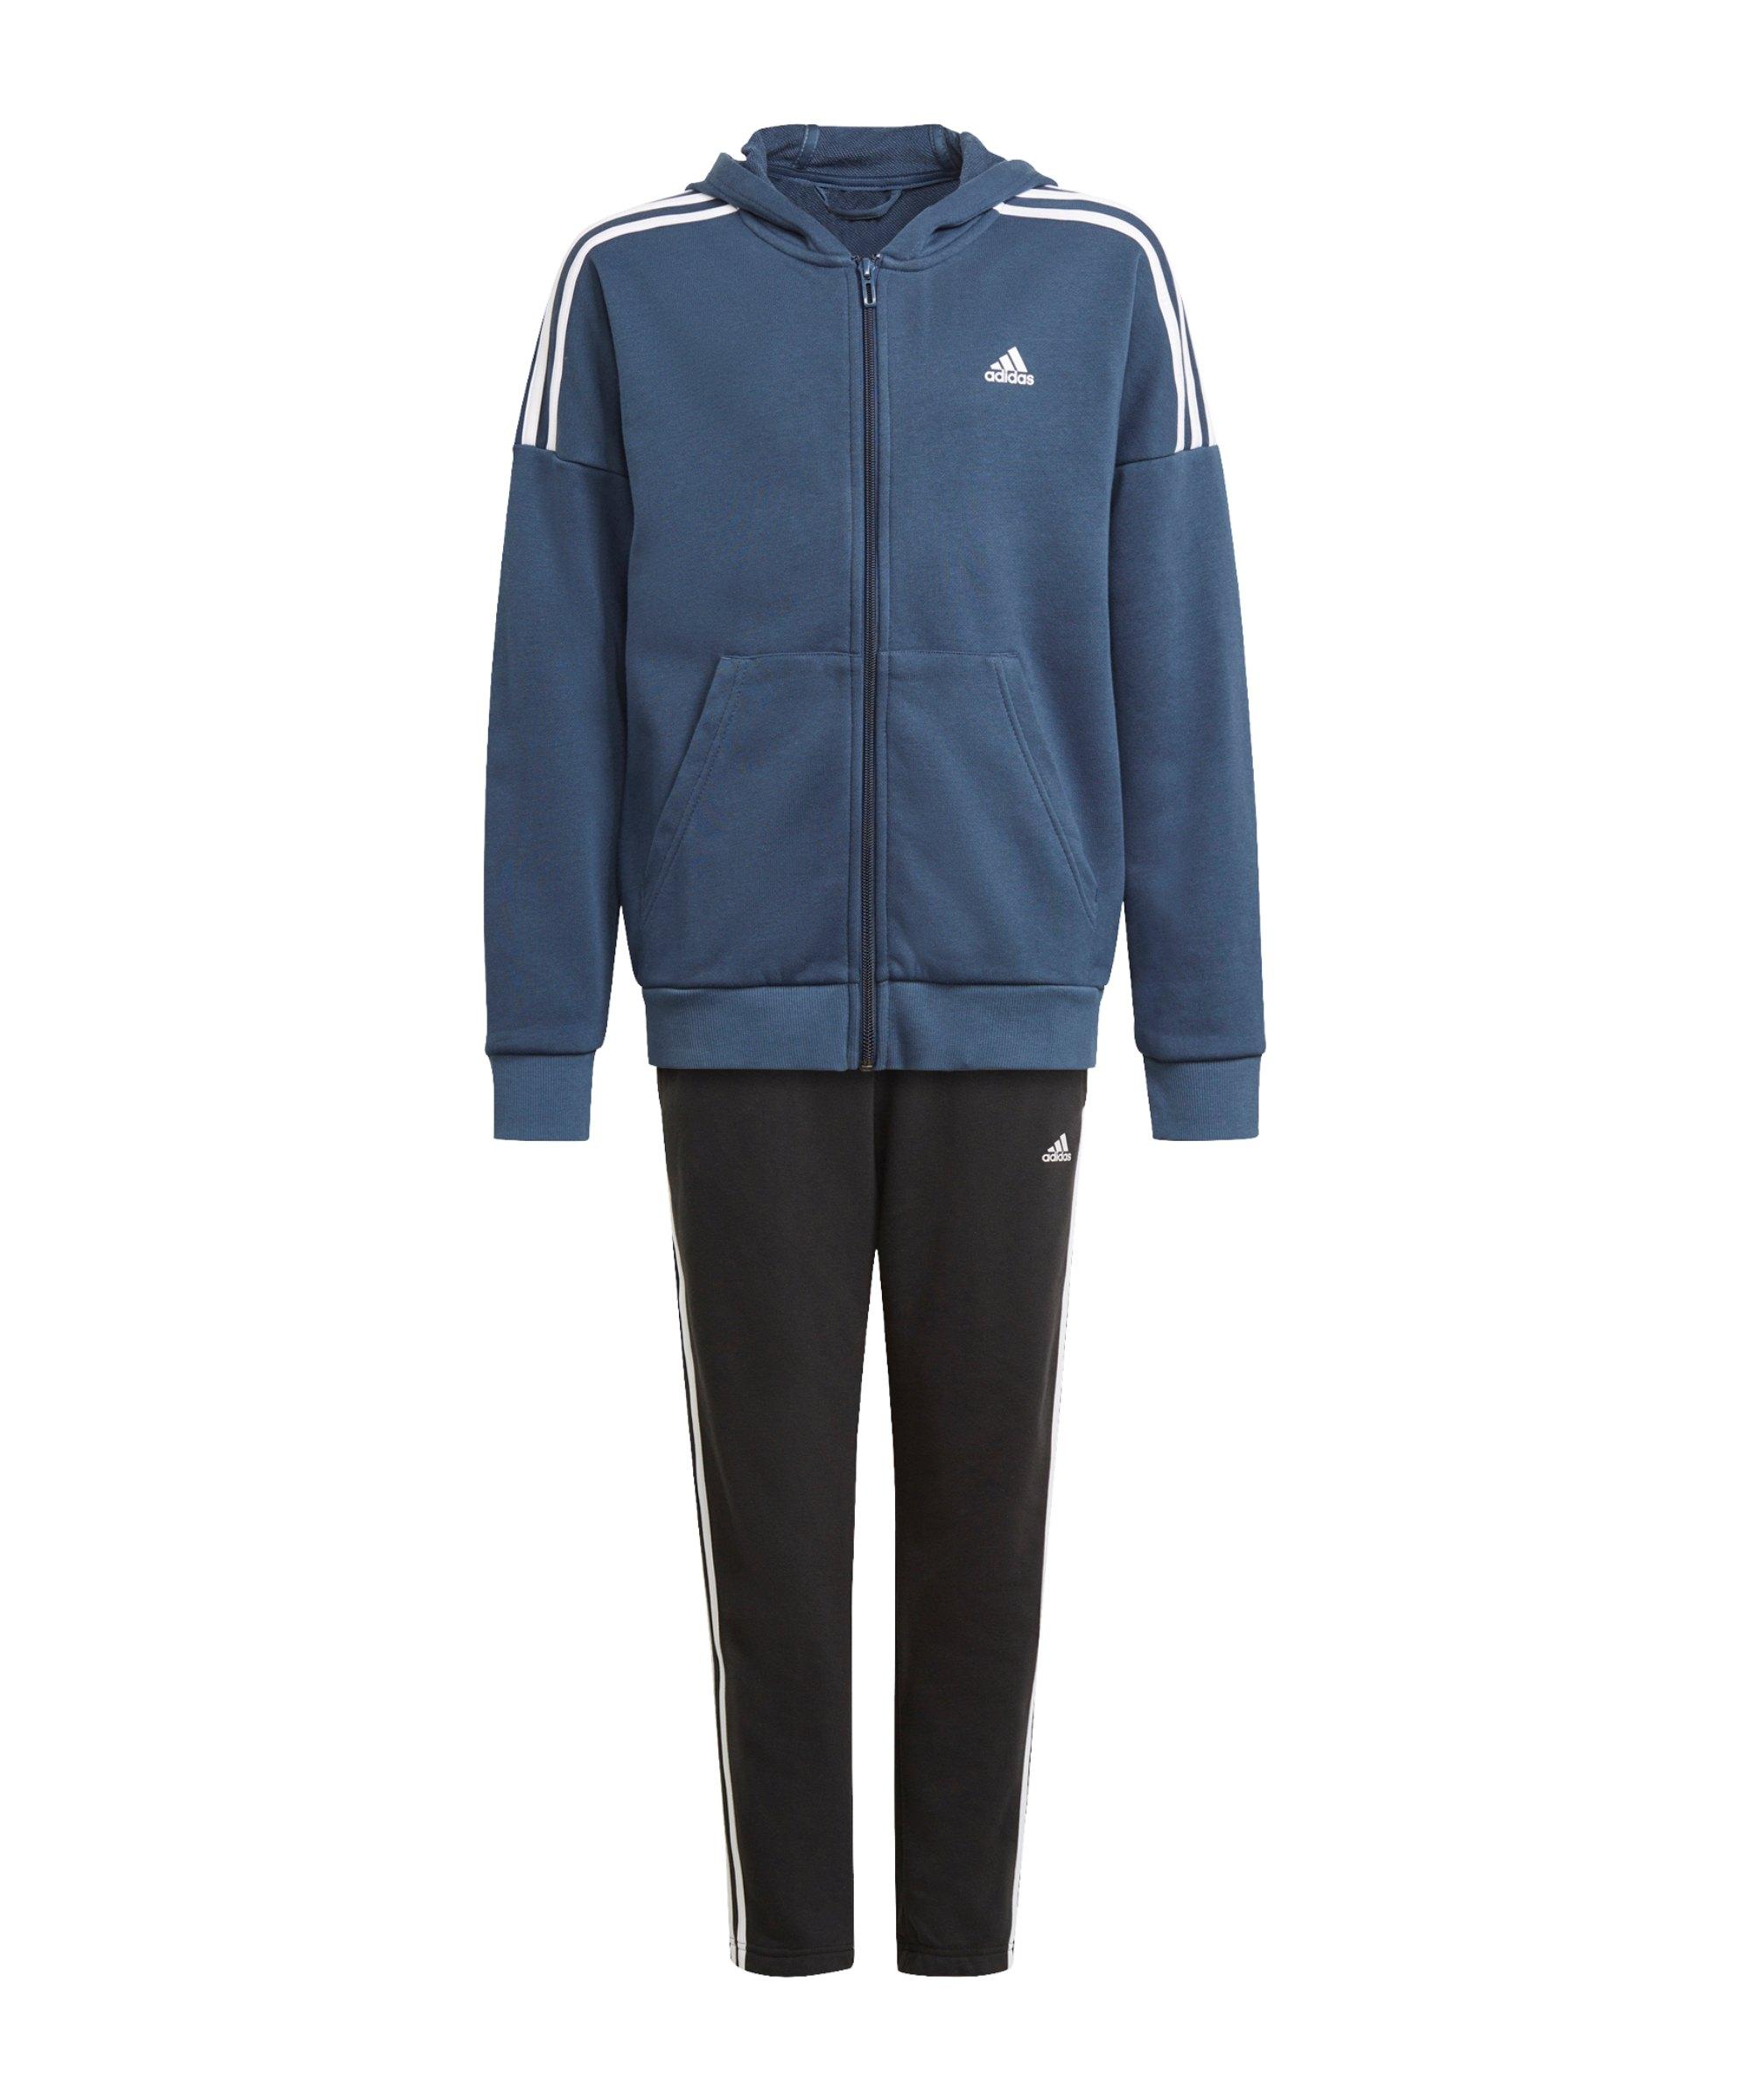 adidas Trainingsanzug Kids Blau - blau